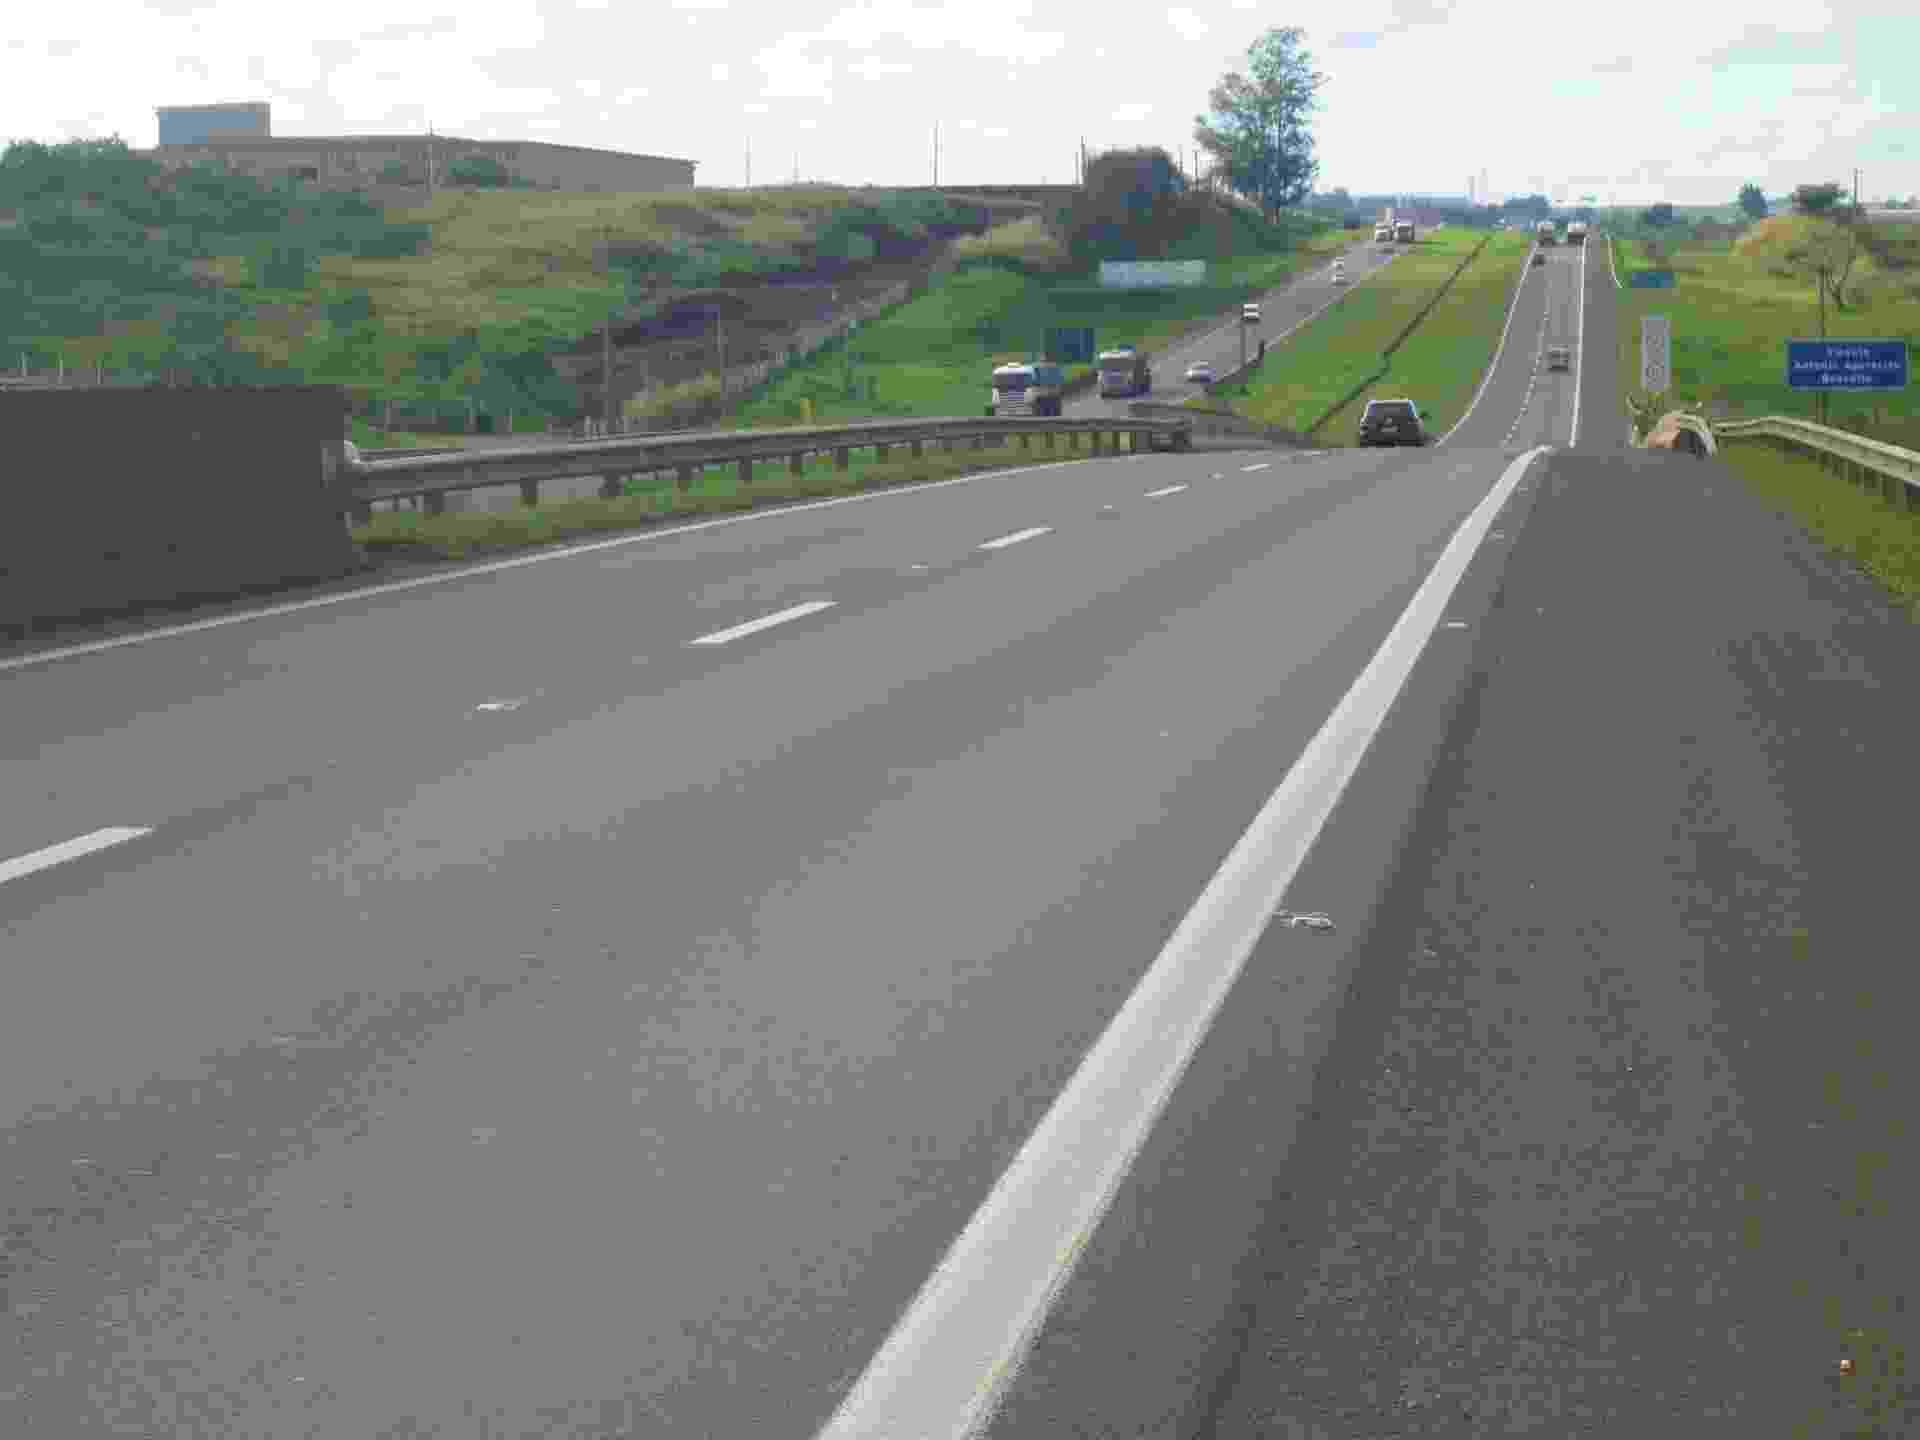 02.dez.2013 - Trecho entre as rodovias SP-310 e BR-364, que ligam São Paulo e Limeira e foram avaliados como a melhor estrada do país em pesquisa da CNT (Confederação Nacional dos Transportes) - Divulgação/Pesquisa CNT de Rodovias 2013